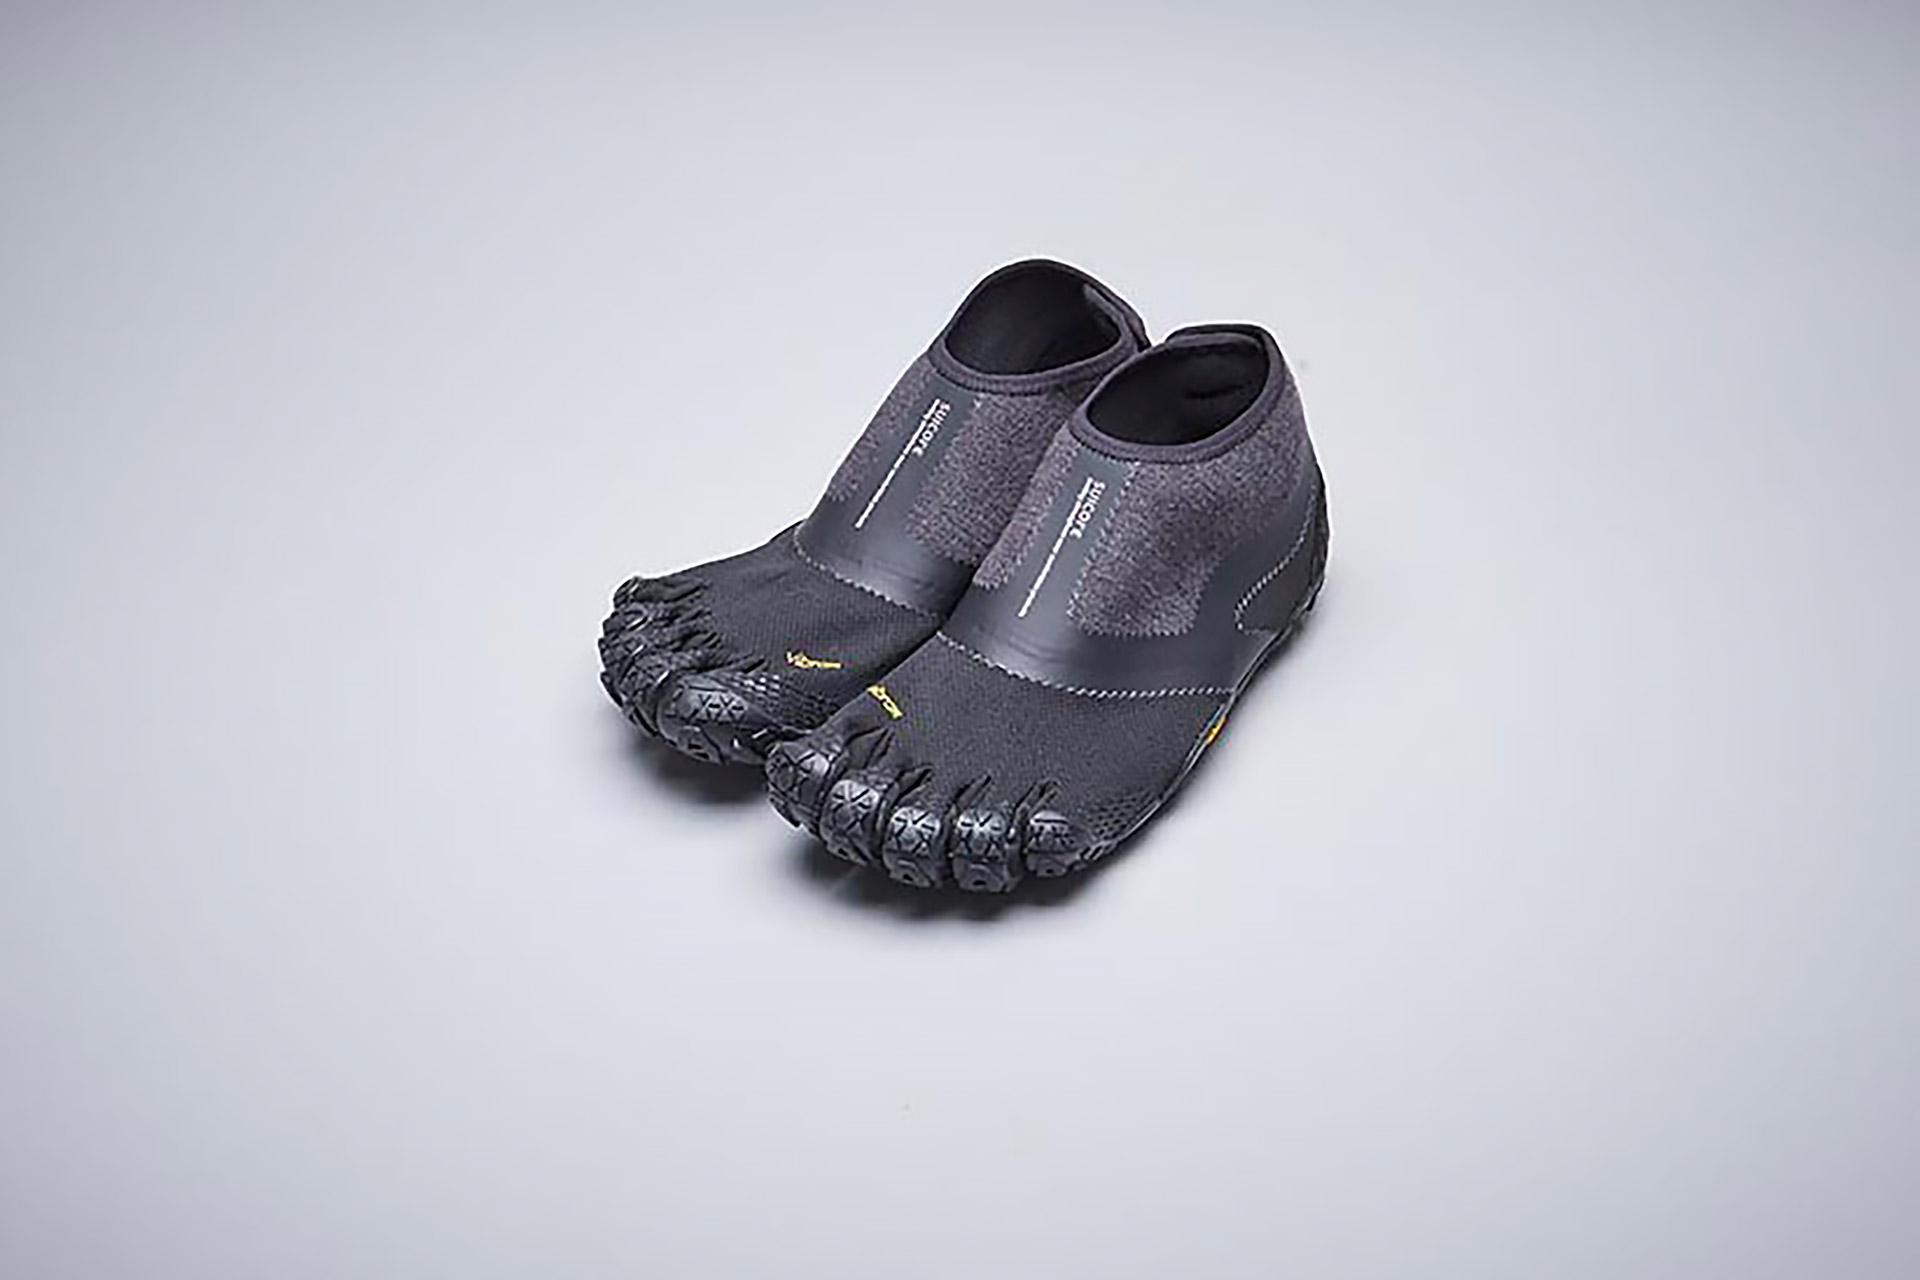 Suicoke x Vibram FiveFingers Shoe